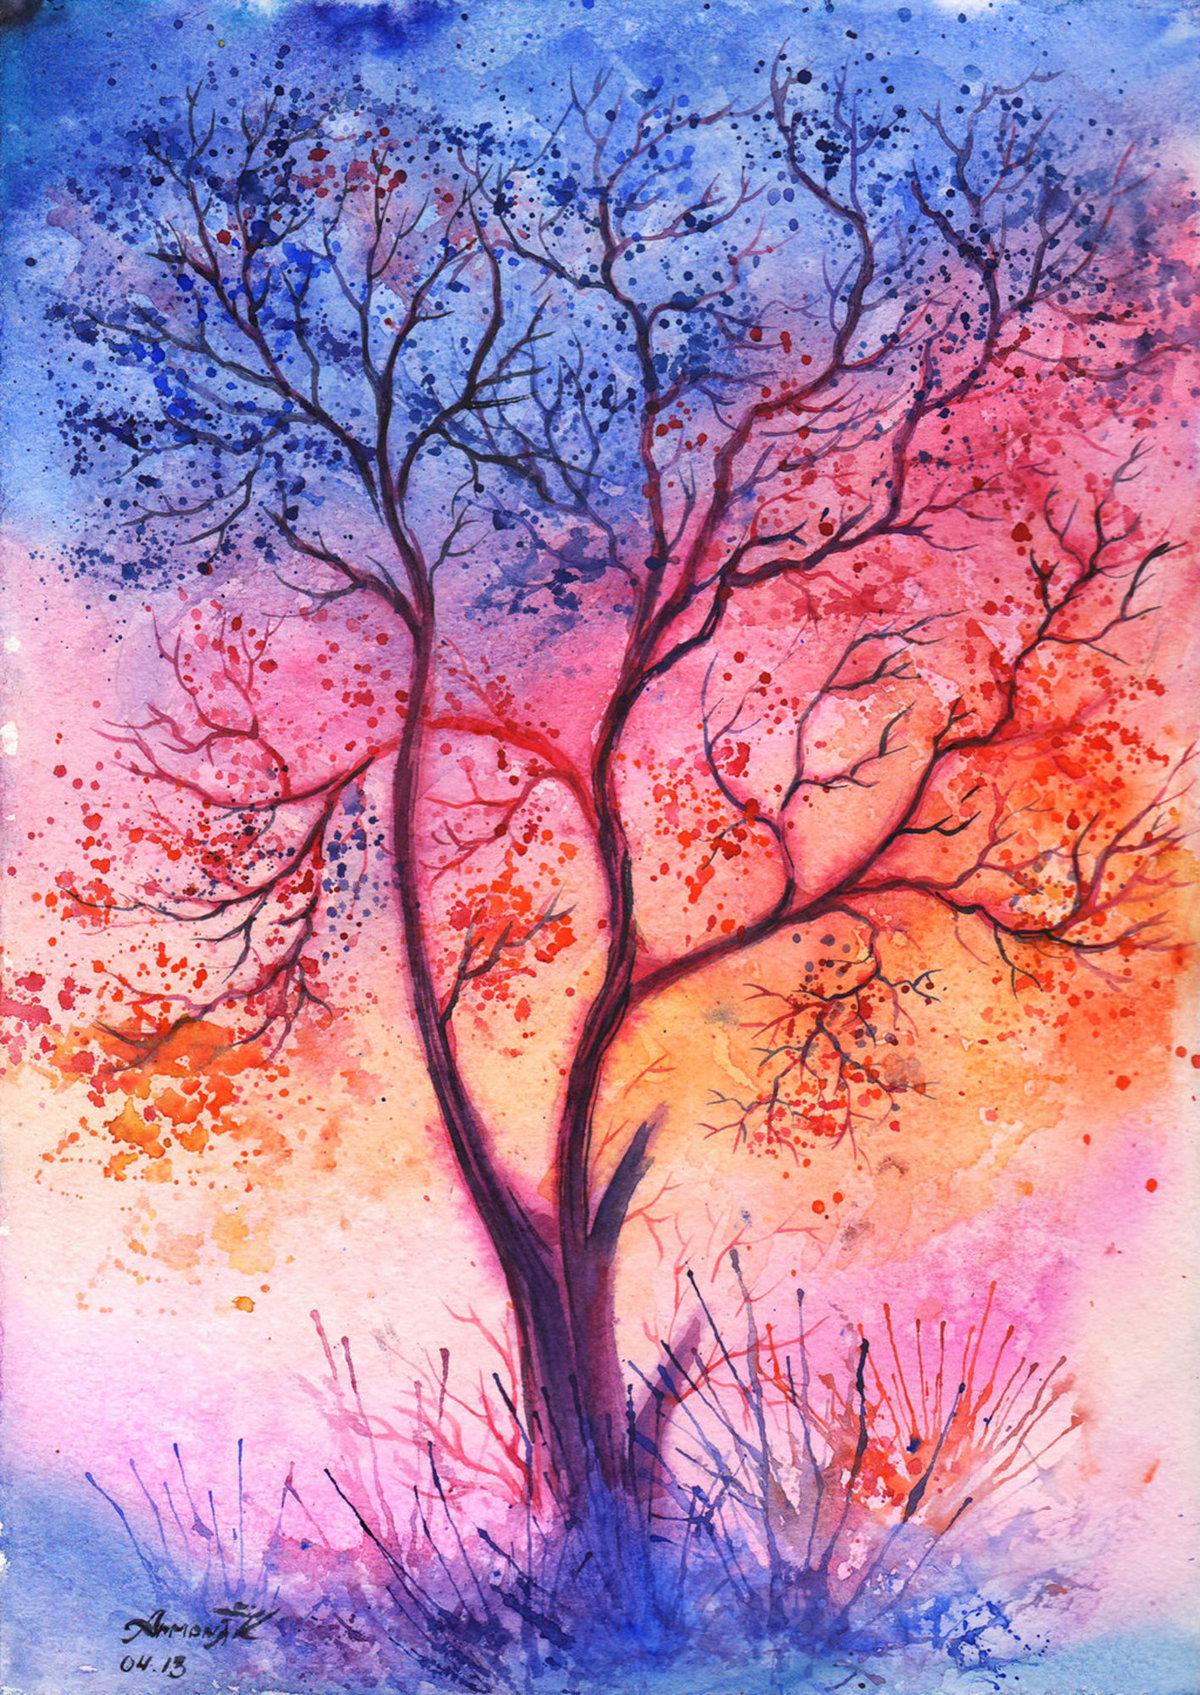 рисунки красивых деревьев фирмы ткнут объект